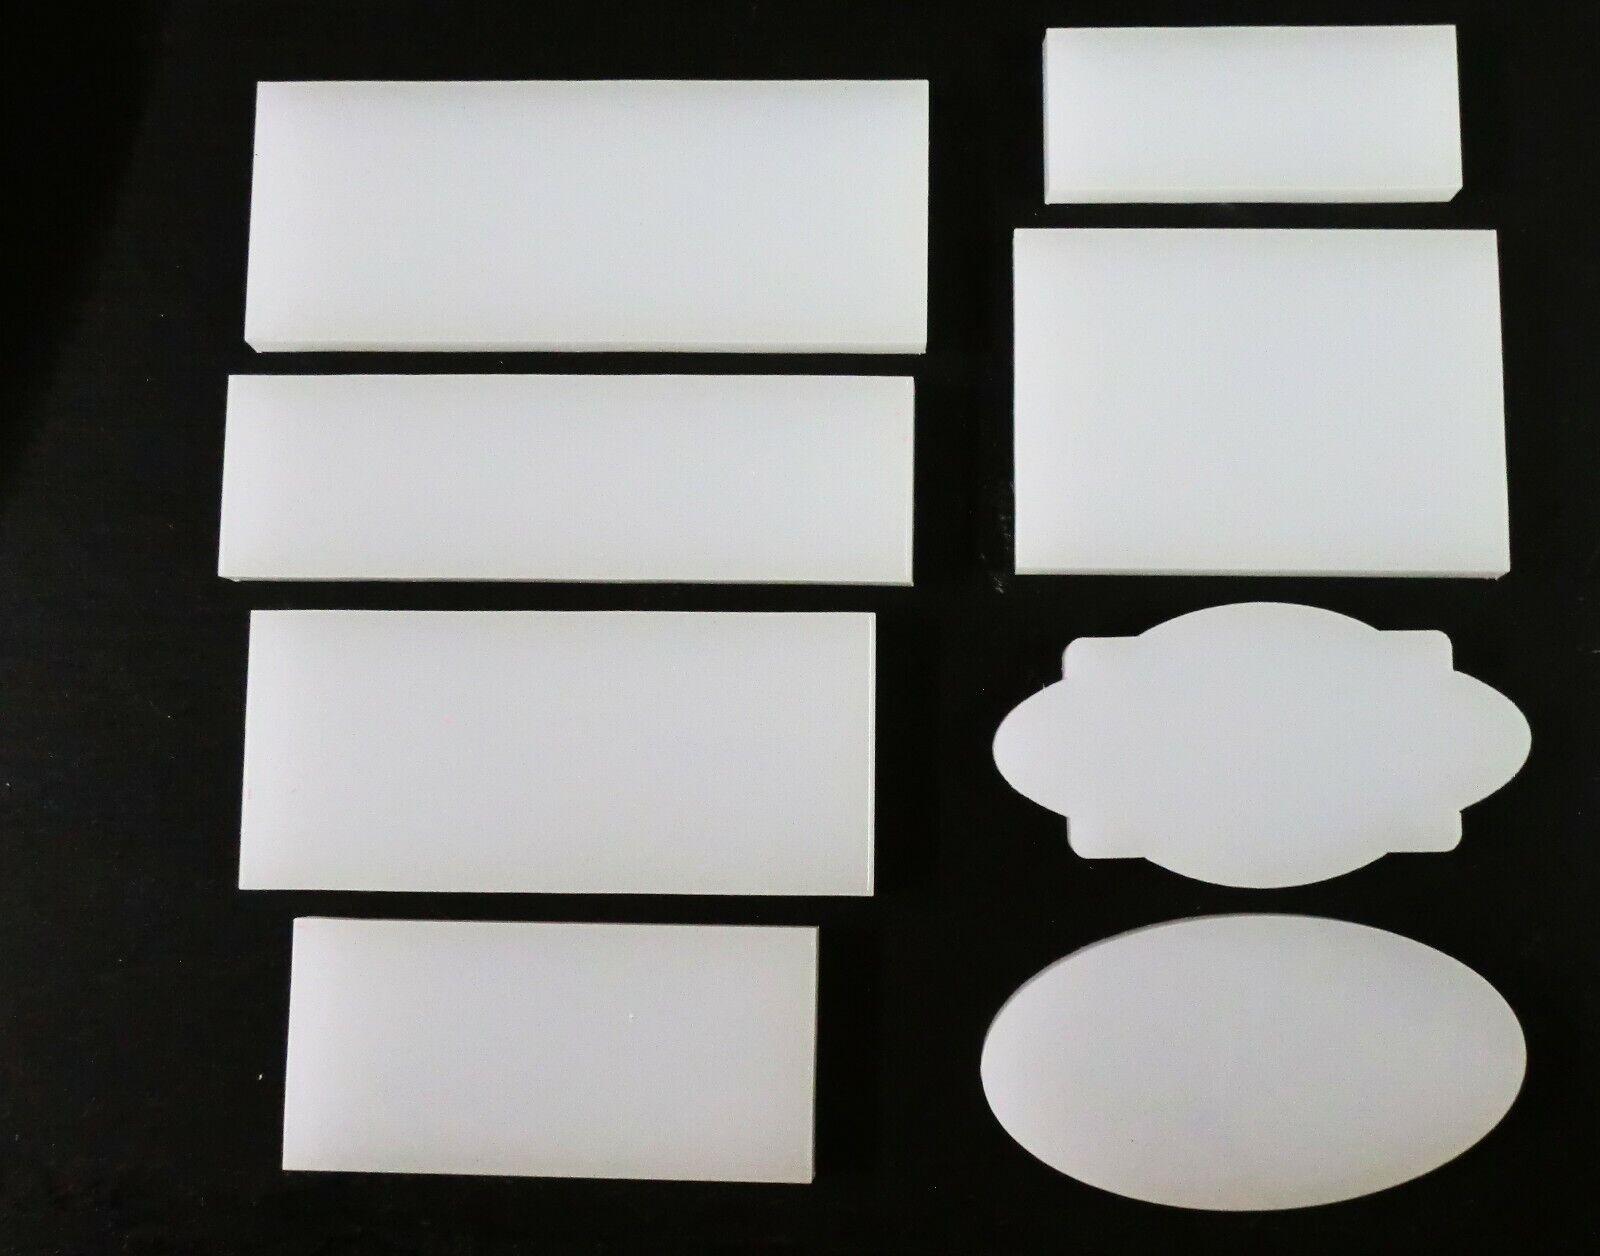 3 Stück Acryl Plexi Schilder Satinice LED Hinterbeleuchtung versch. Größen Form